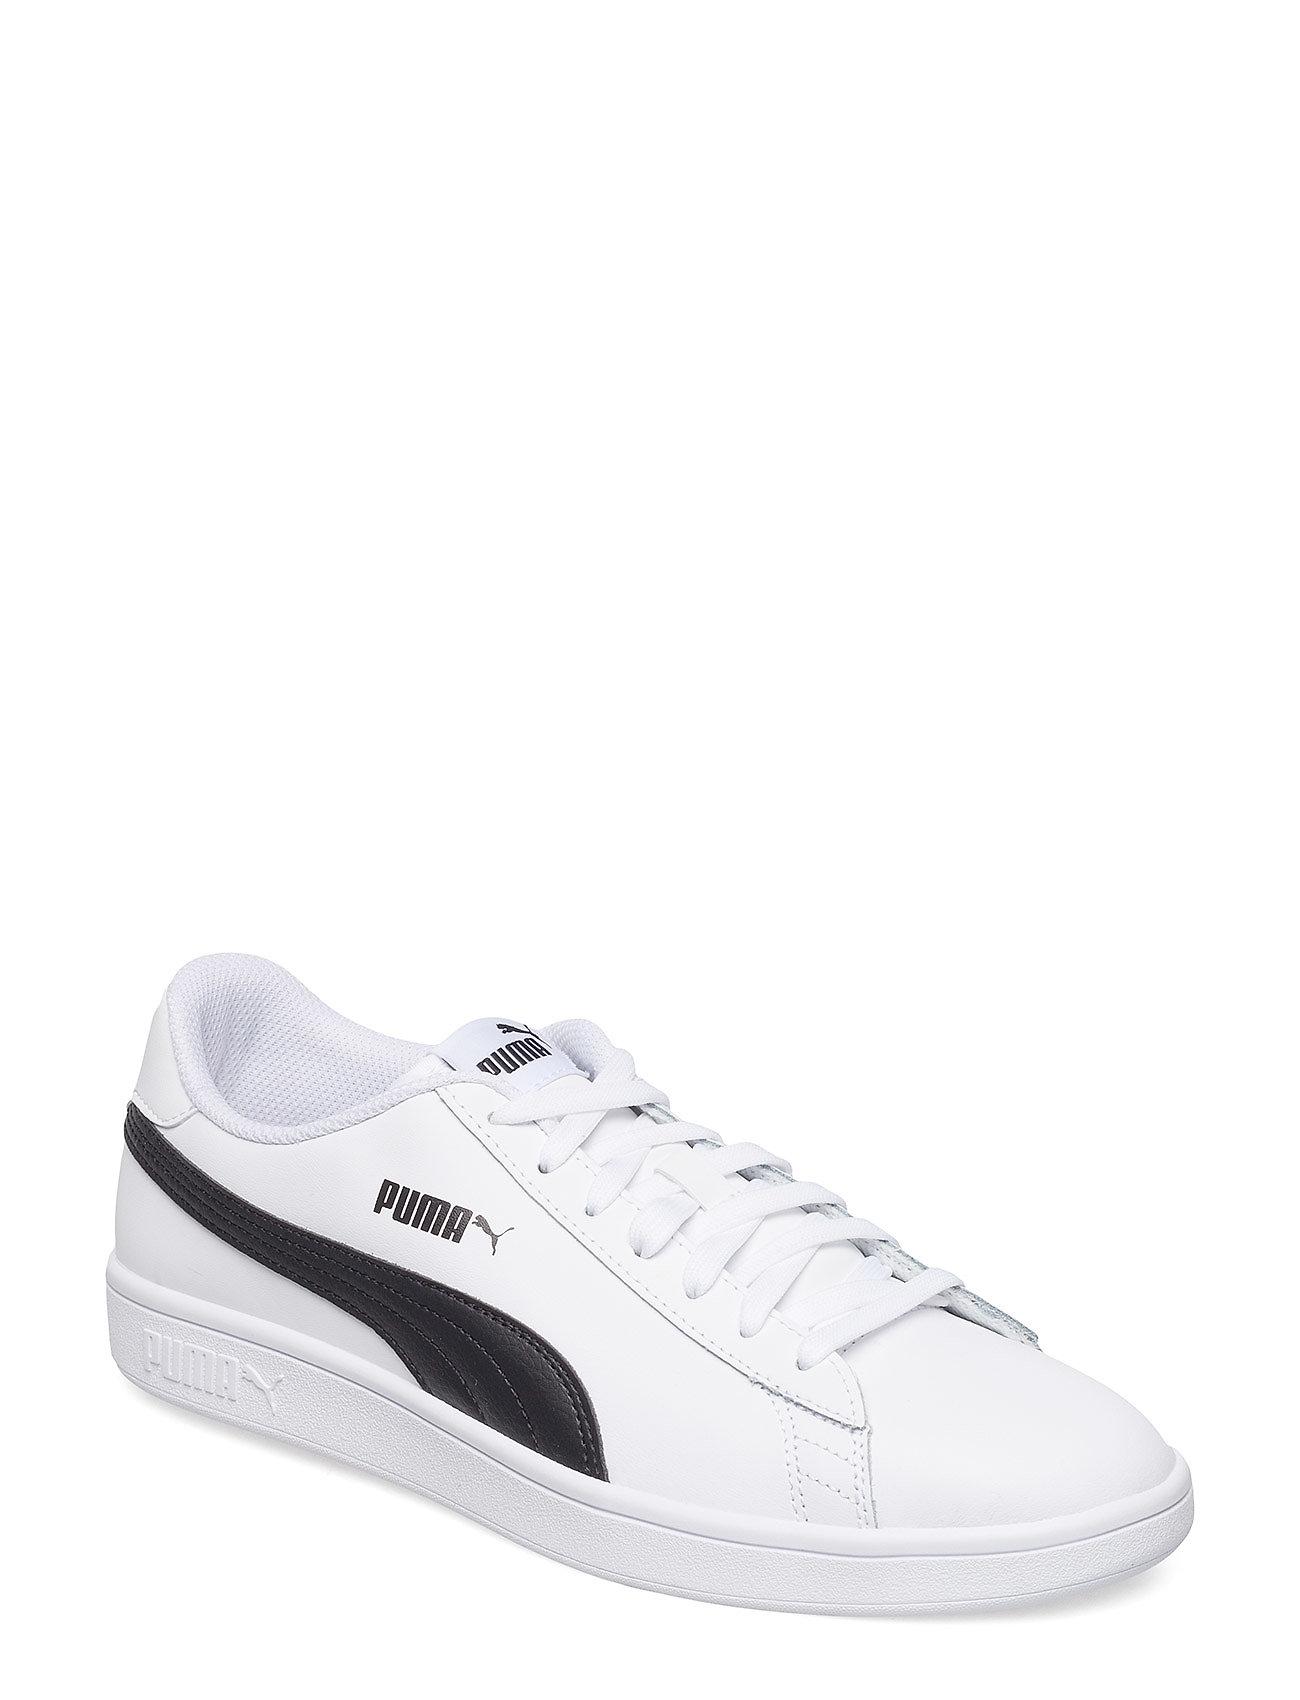 841f7b466932 Puma Smash V2 L sneakers fra PUMA til herre i PUMA WHITE-PUMA WHITE ...